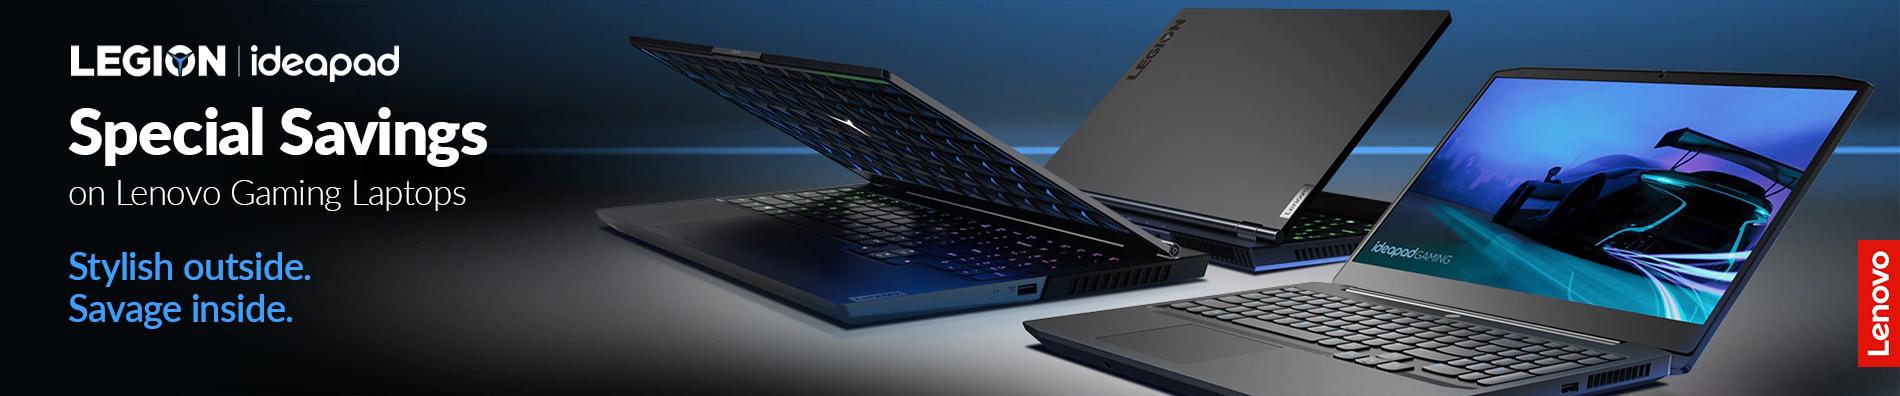 Lenovo Gaminglaptops Q2 05.03.banner 02